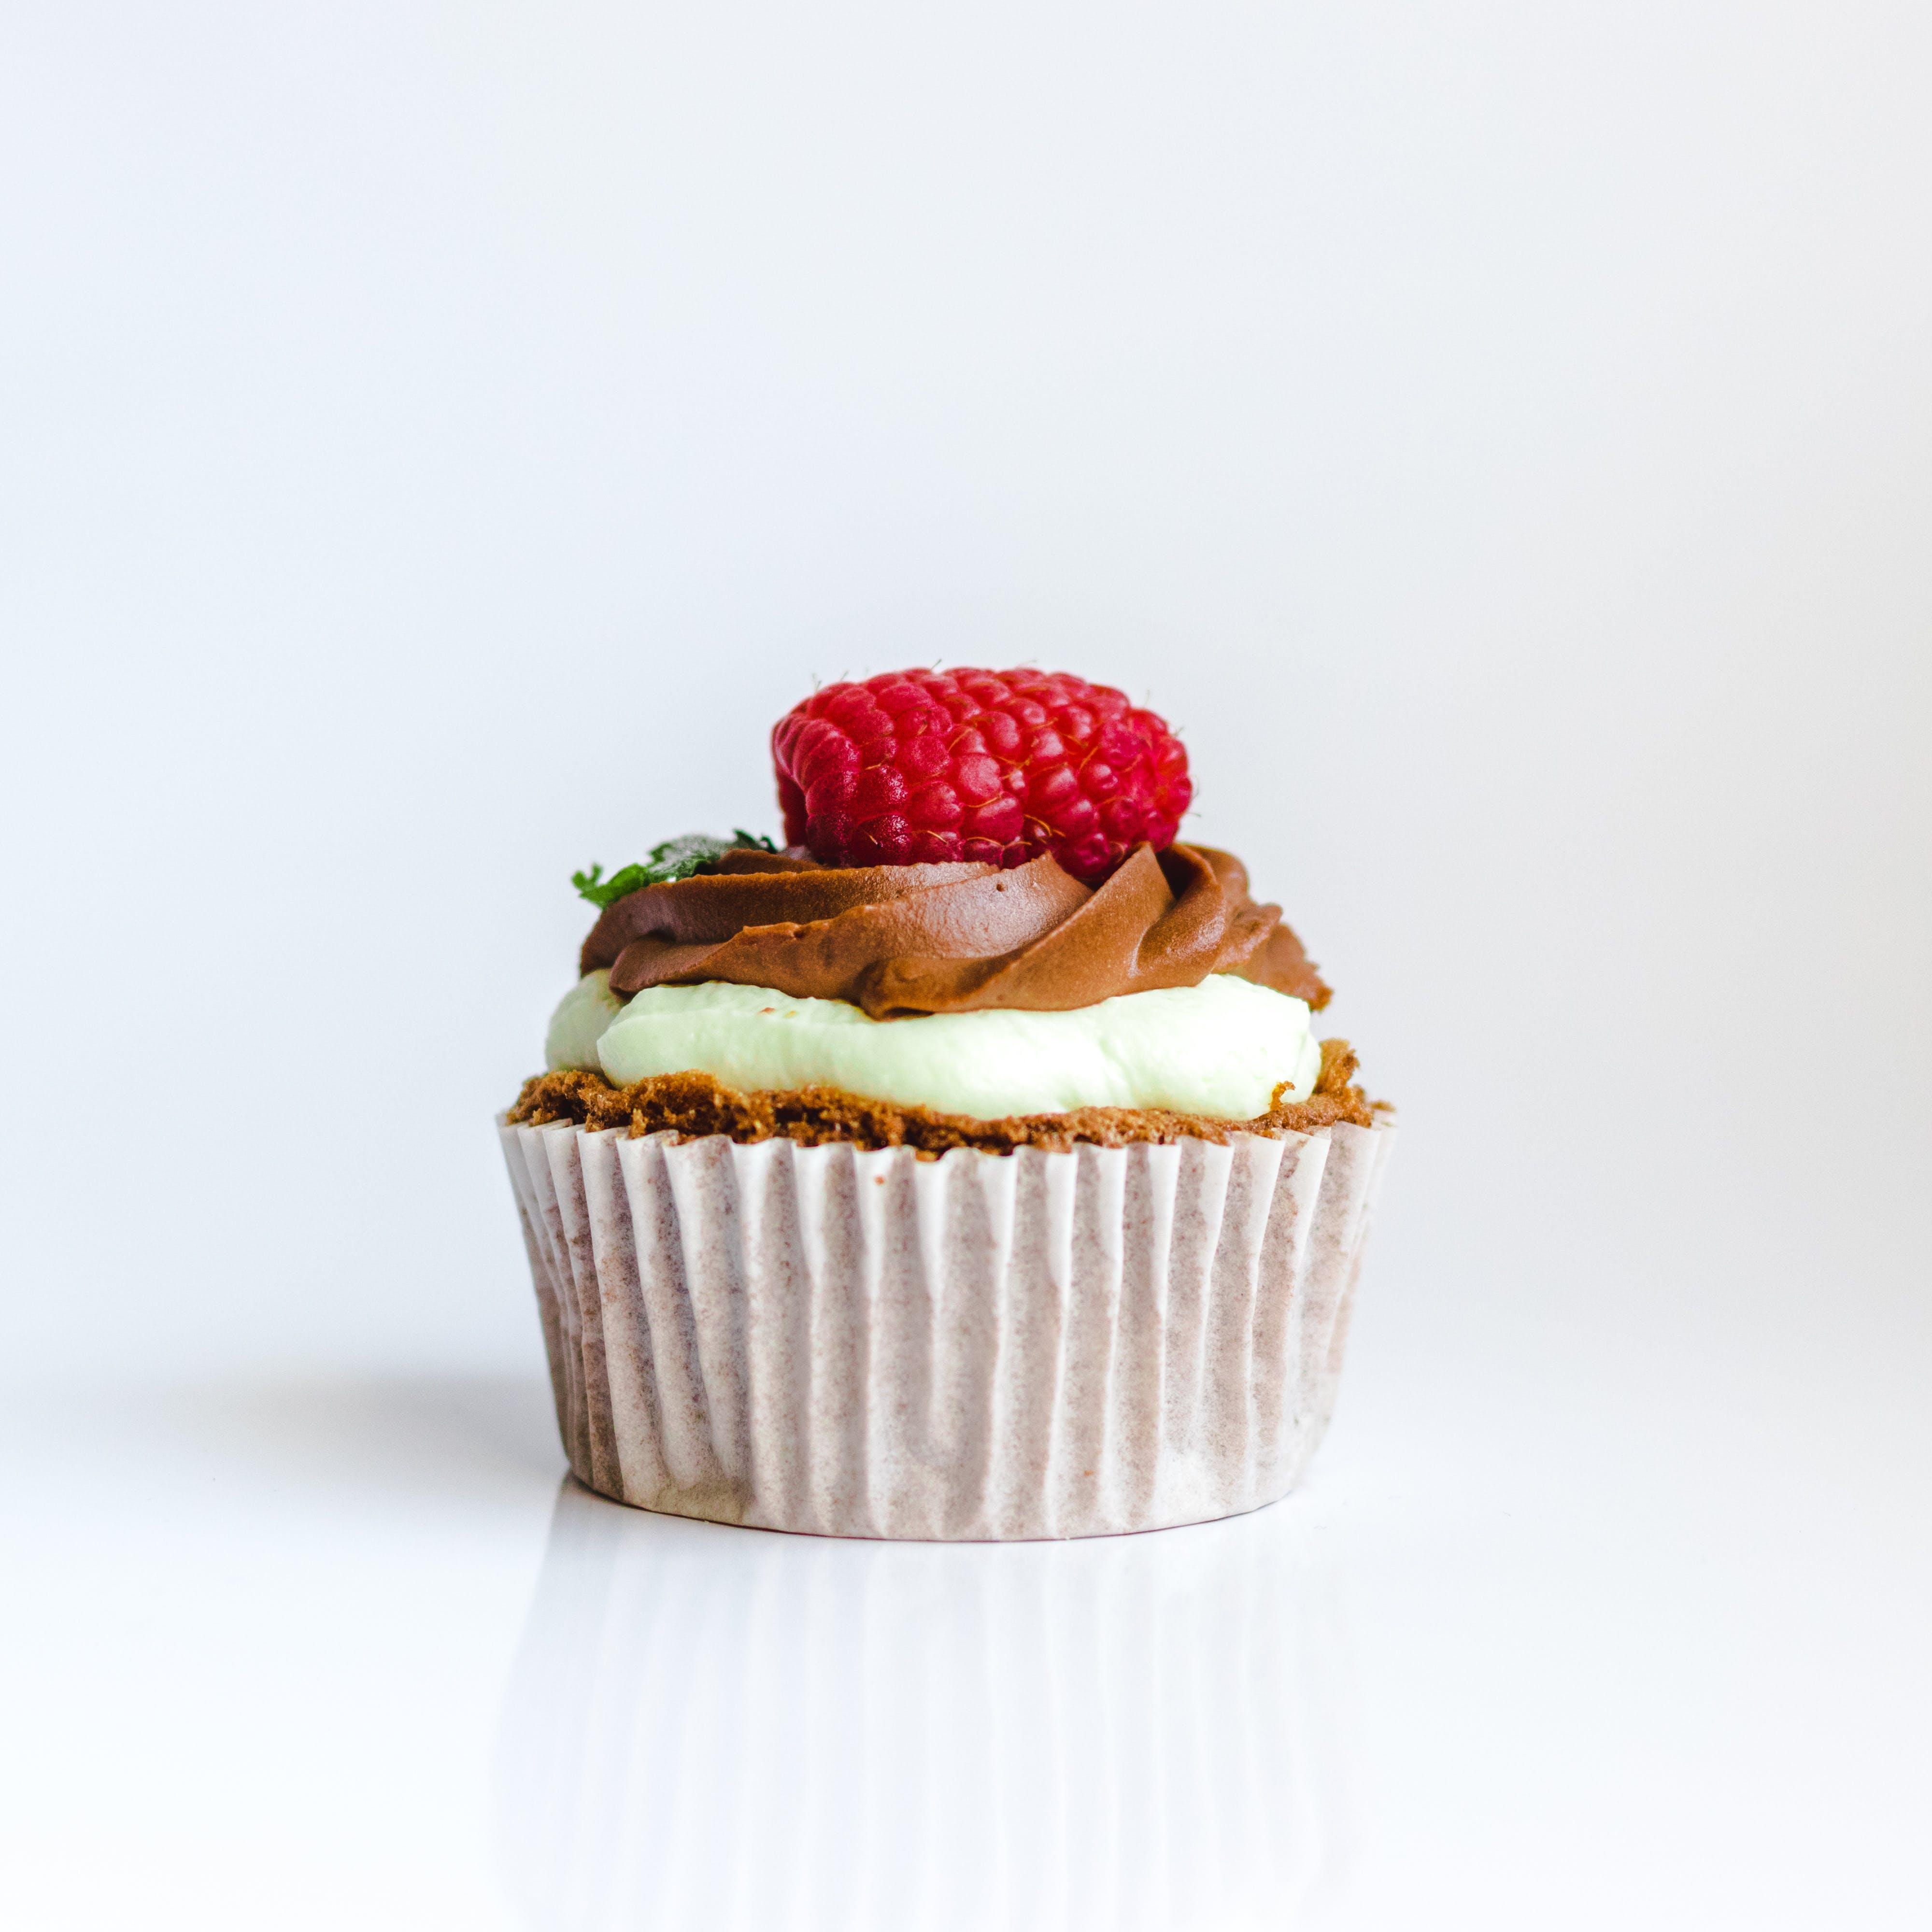 Kostenloses Stock Foto zu essen, schokolade, dessert, süß